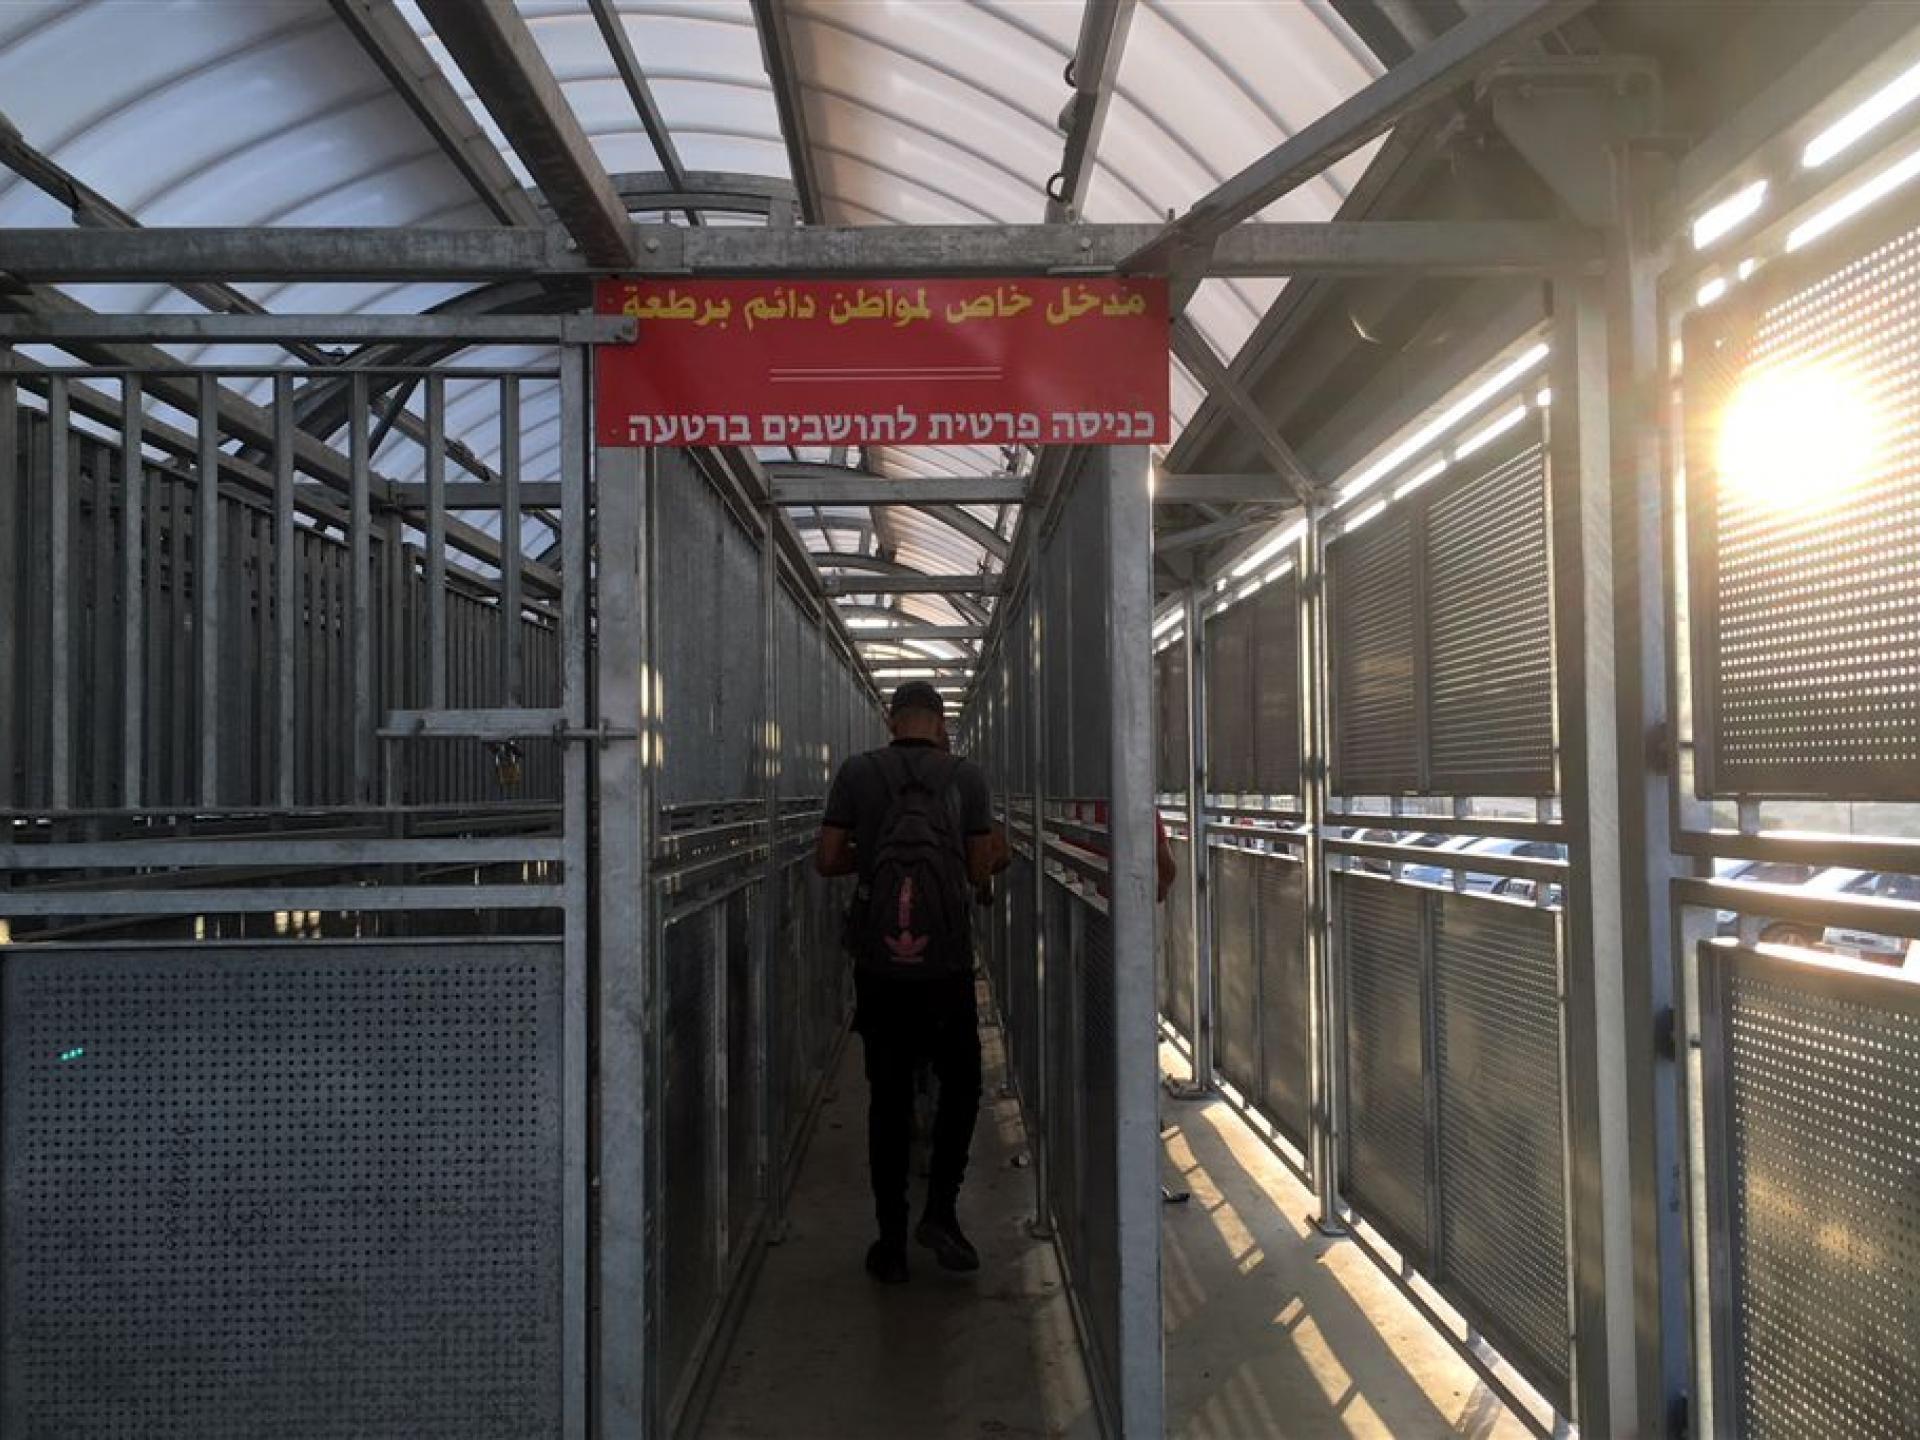 מחסום ברטעה-ריחן: ברוכים הבאים למתקני הכיבוש